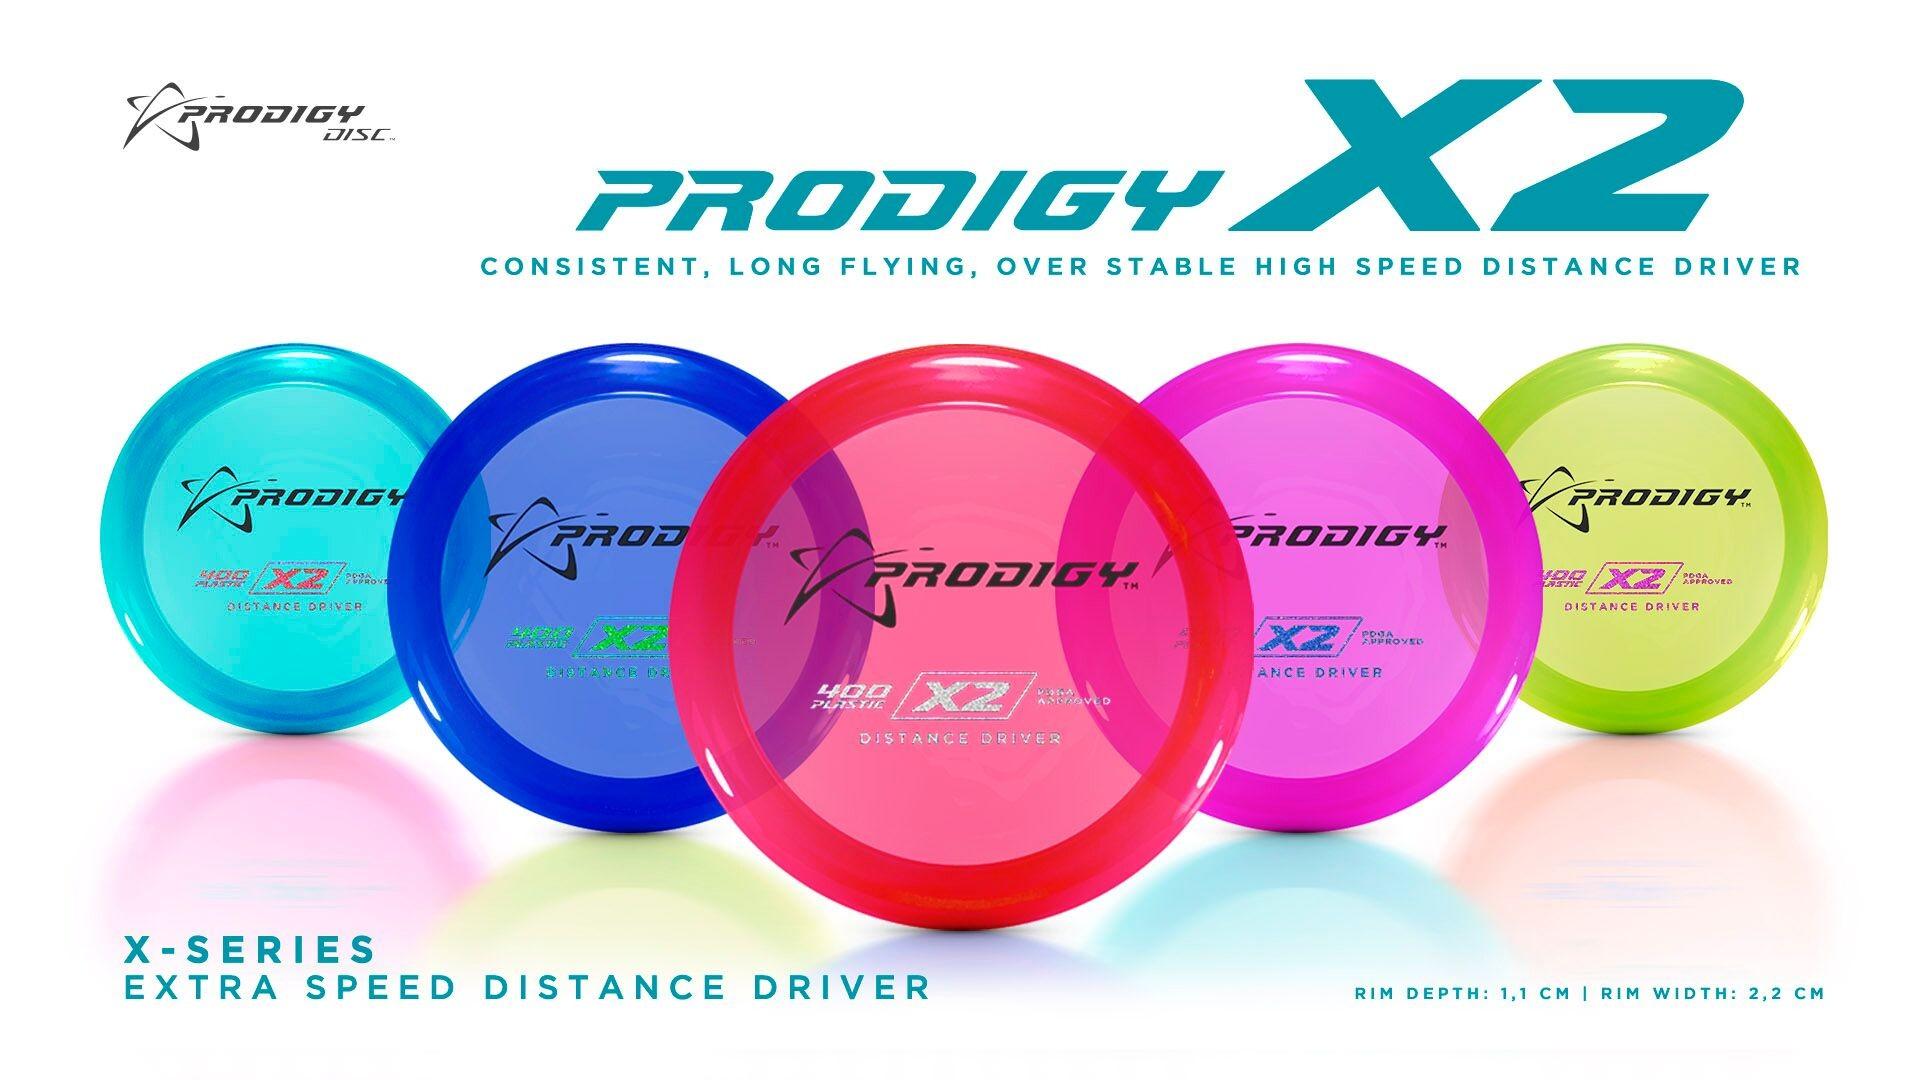 Prodigy X2